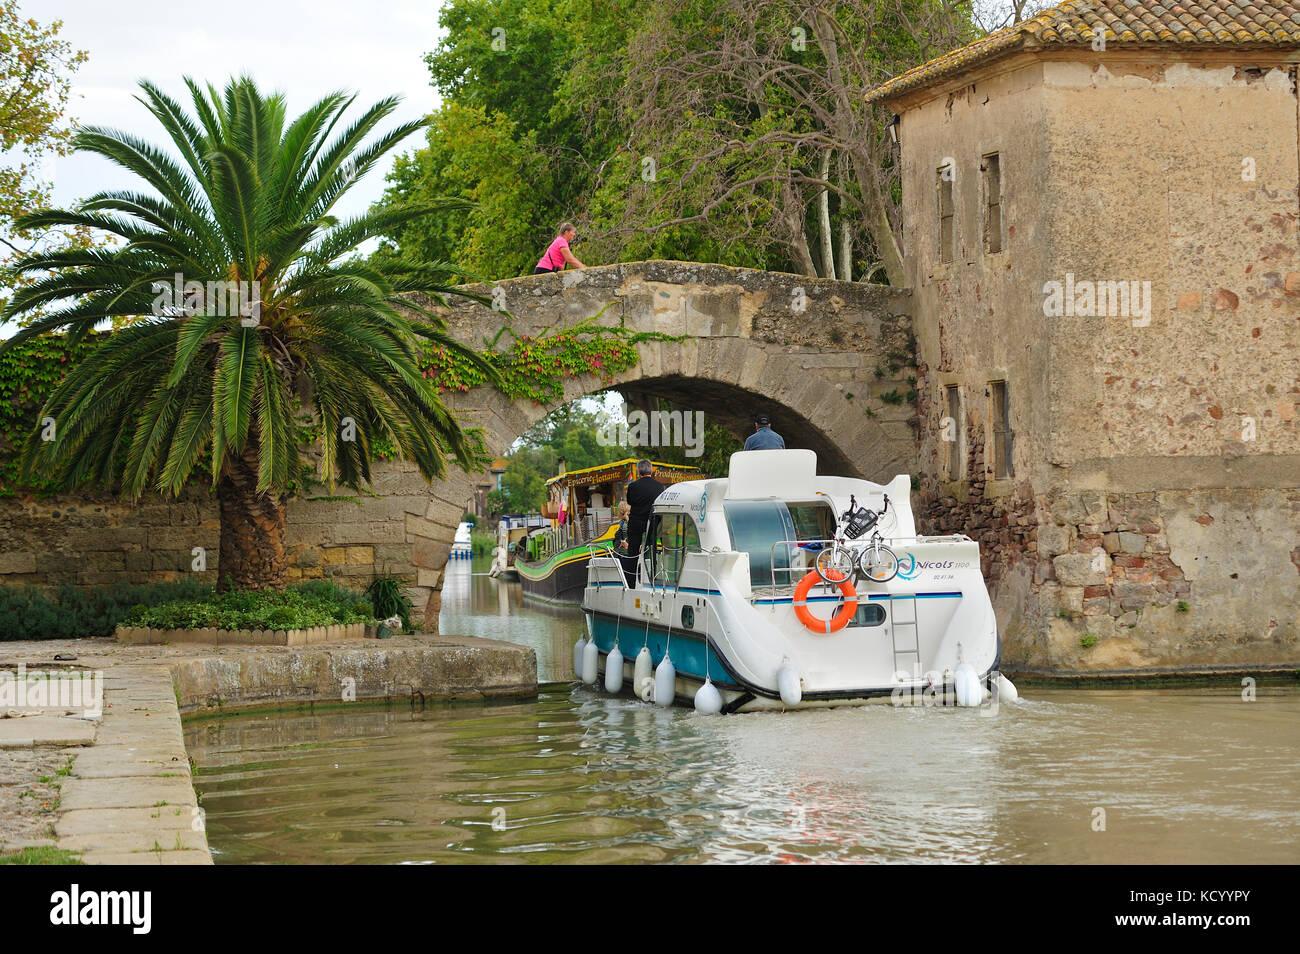 Saint-Marcel Bridge (17th century) over Canal du Midi, le Somail, Aude Department, Languedoc-Roussillon, France - Stock Image